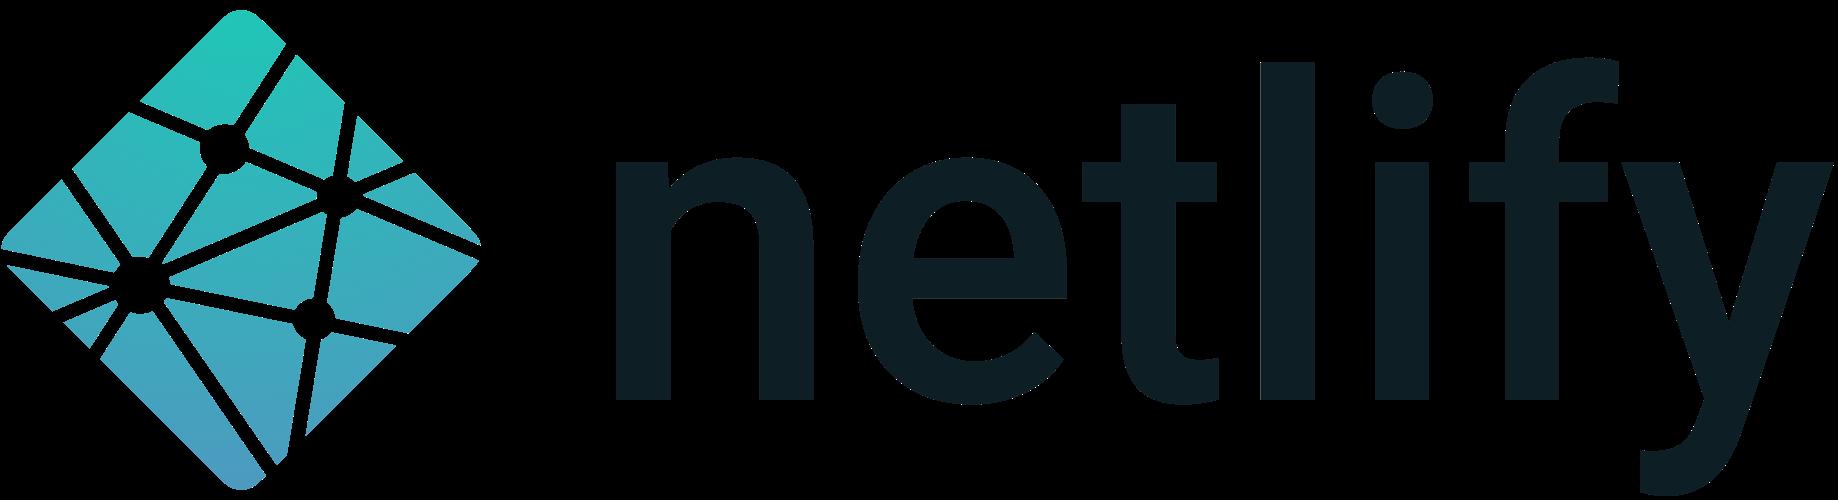 full-logo-light netlify